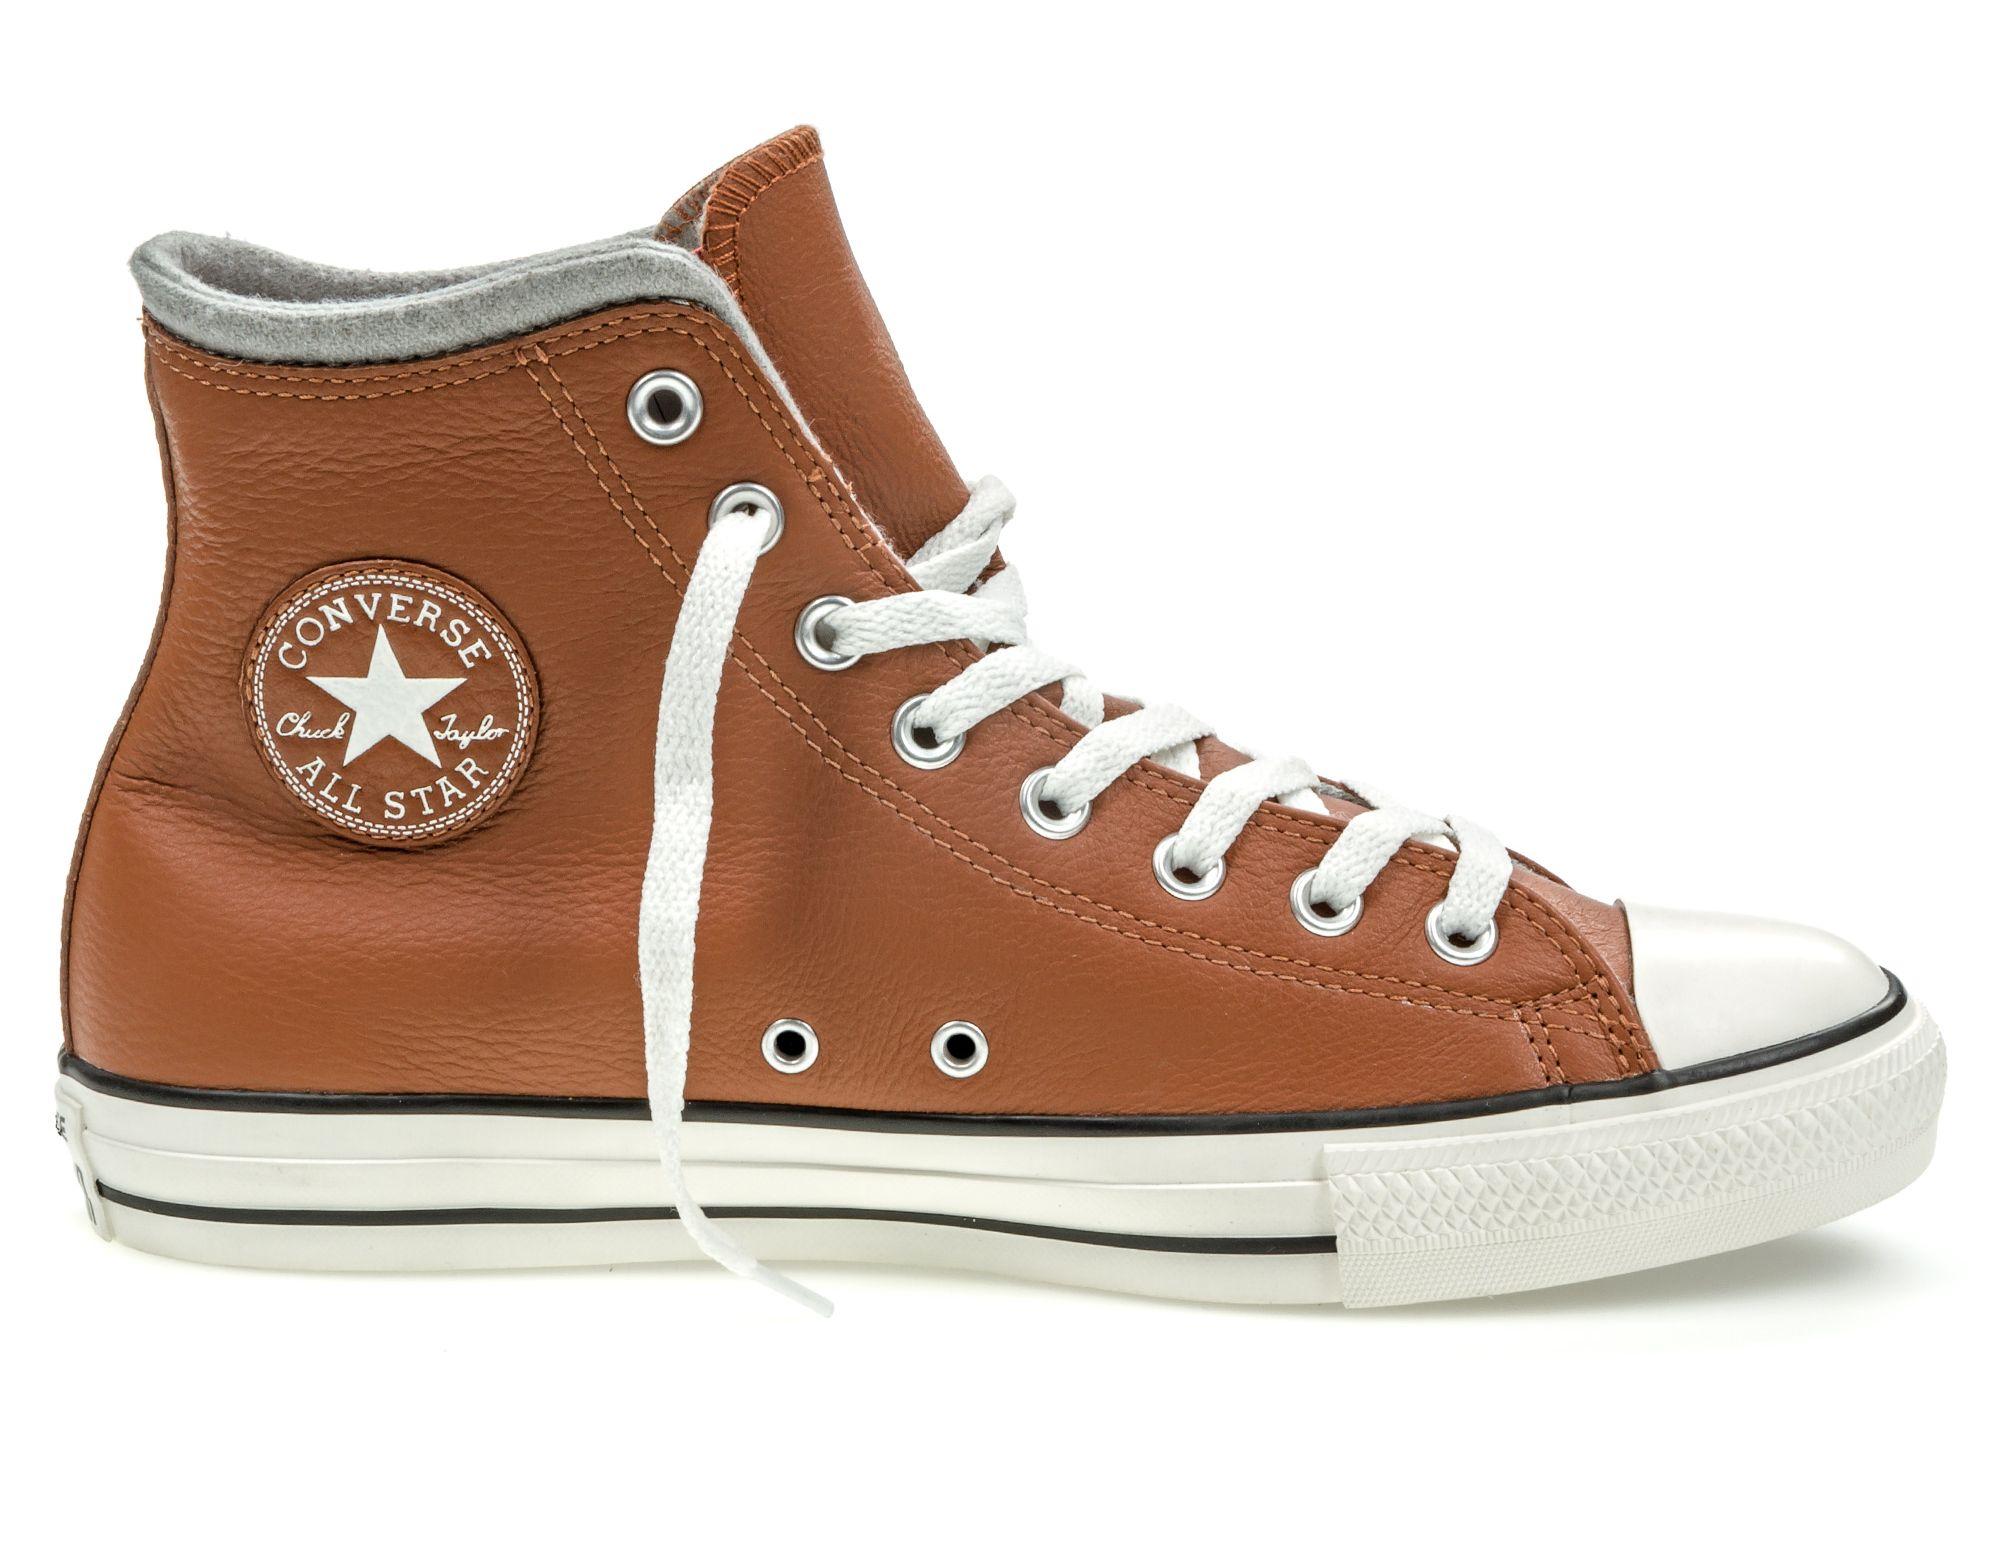 Кеды Converse Chuck Taylor All Star, цвет: коричневый. 153819. Размер 11 (45)153819Модные кеды Chuck Taylor All Star от Converse выполнены из натуральной кожи. Мыс модели защищен прорезиненной вставкой. Внутренняя поверхность и стелька из текстиля обеспечивают комфорт. Шнуровка надежно зафиксирует модель на ноге. Подошва дополнена рифлением.